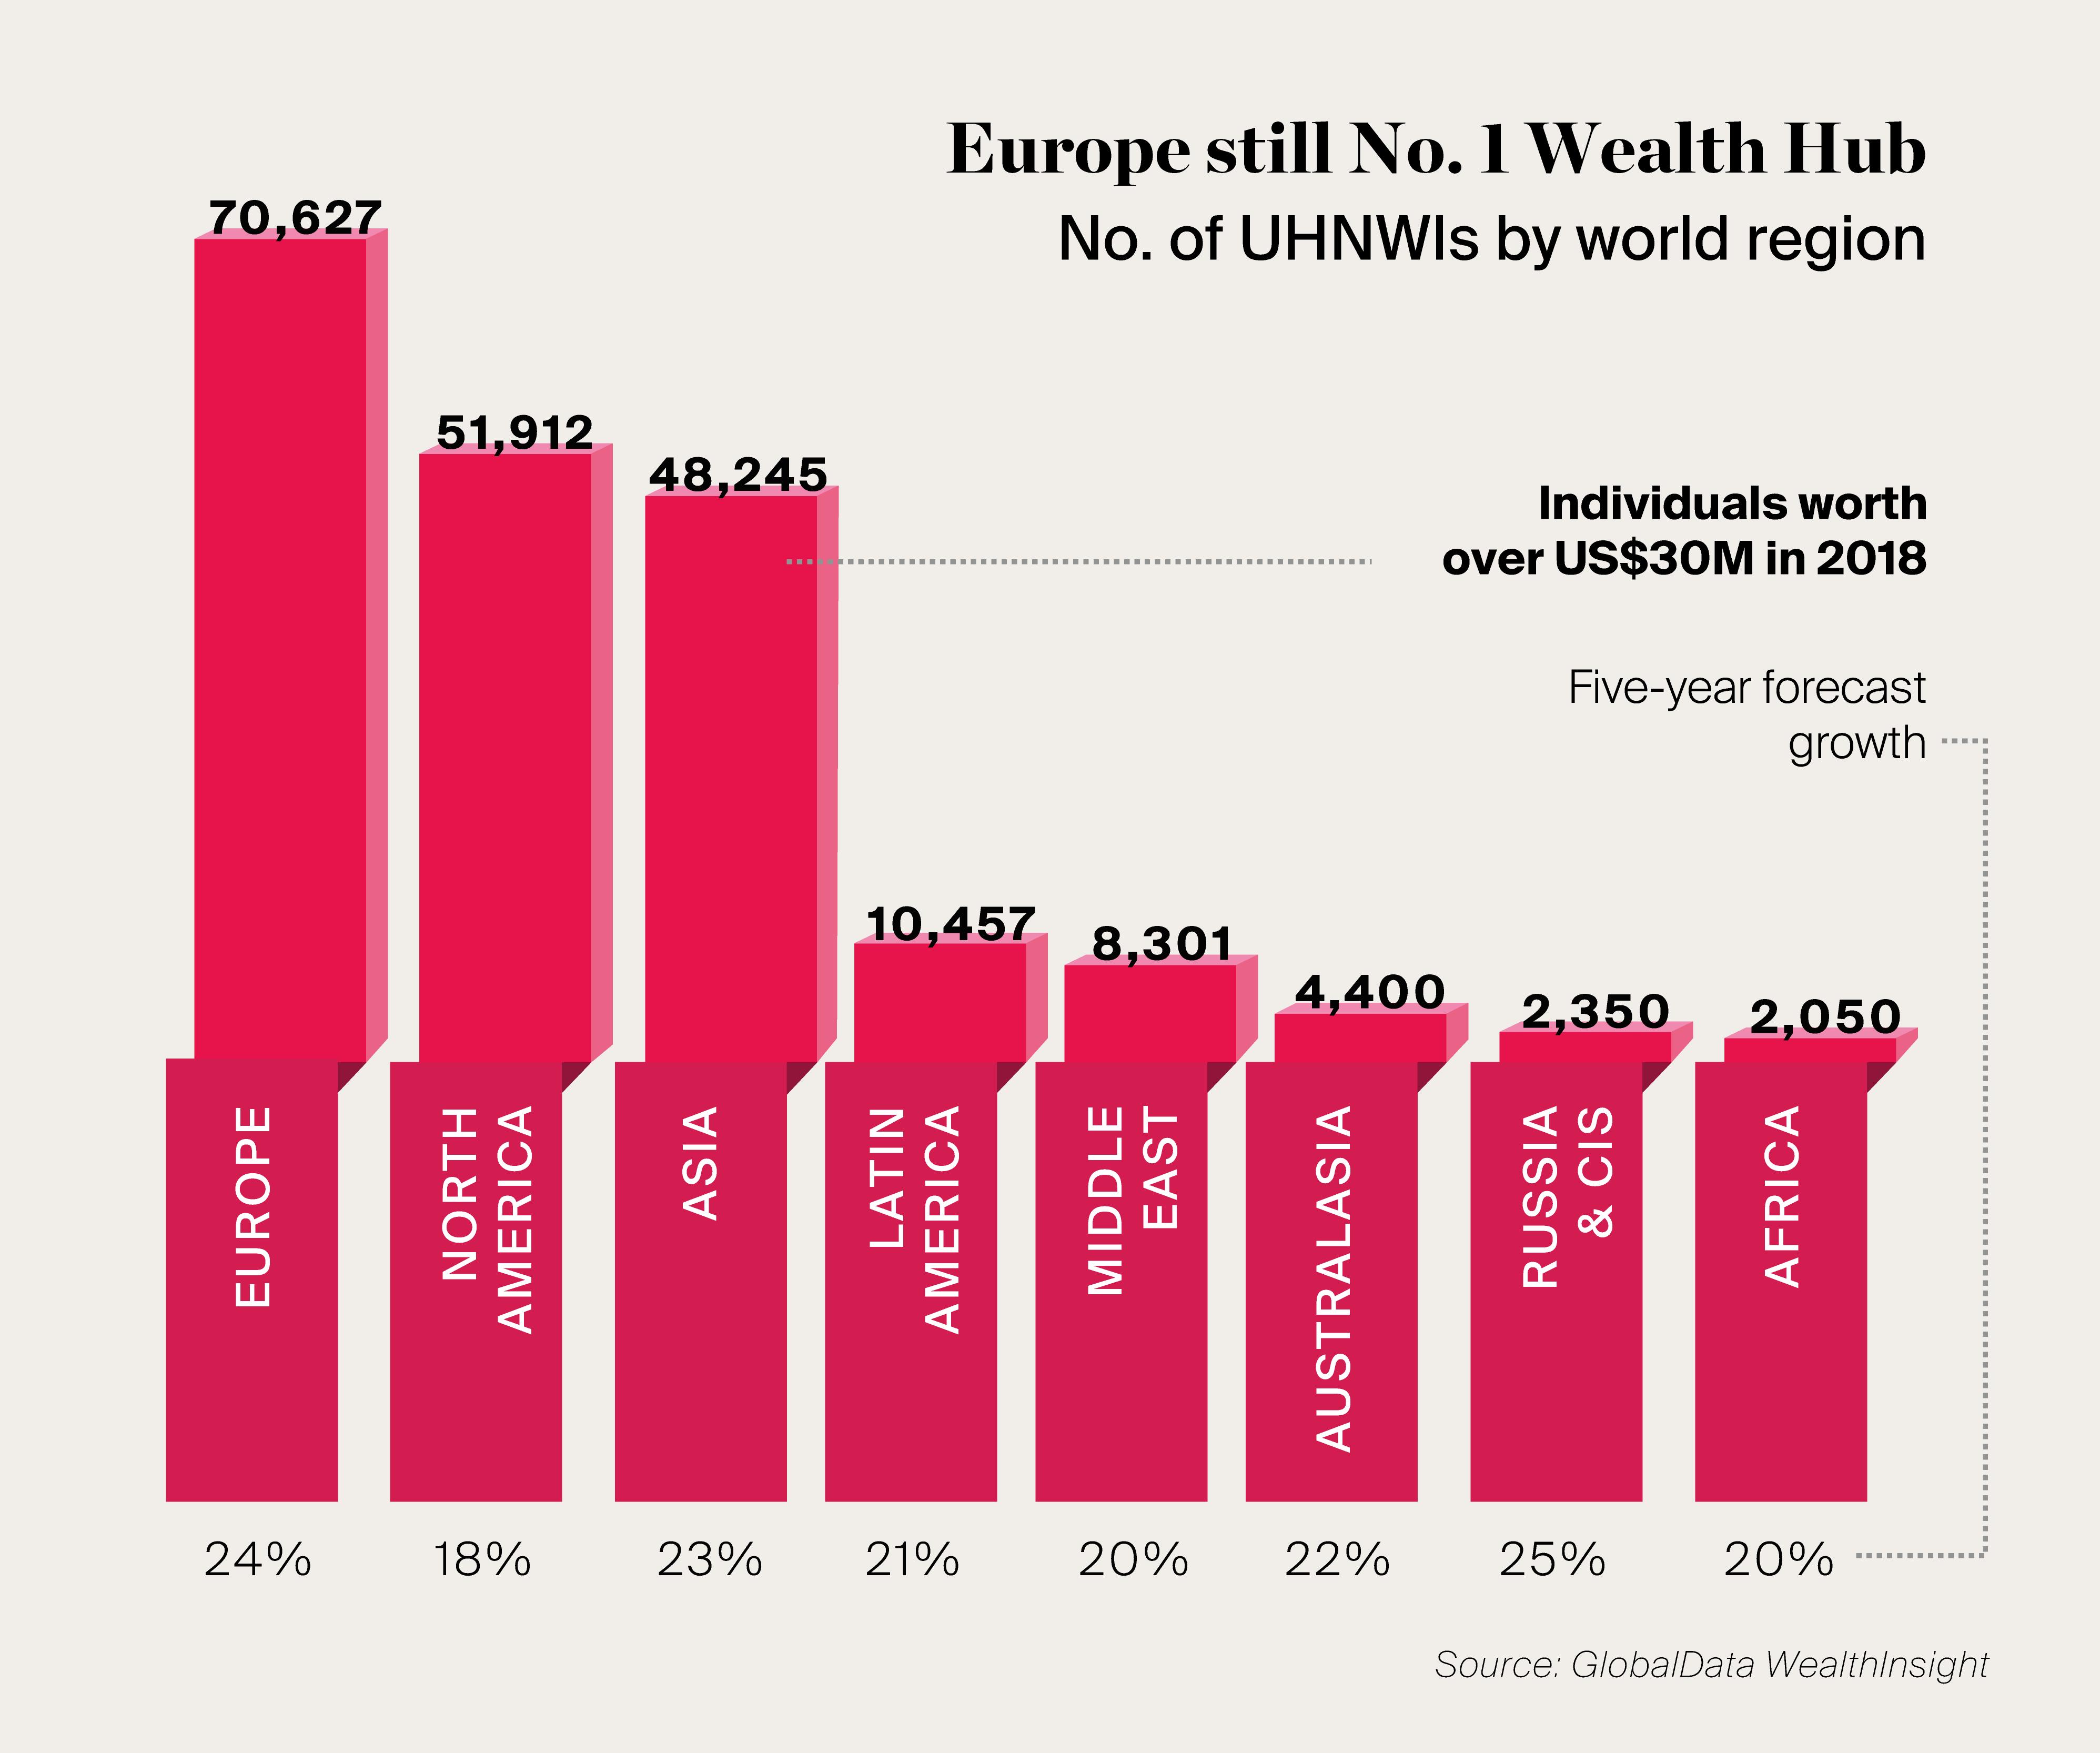 UHNWIs by world region